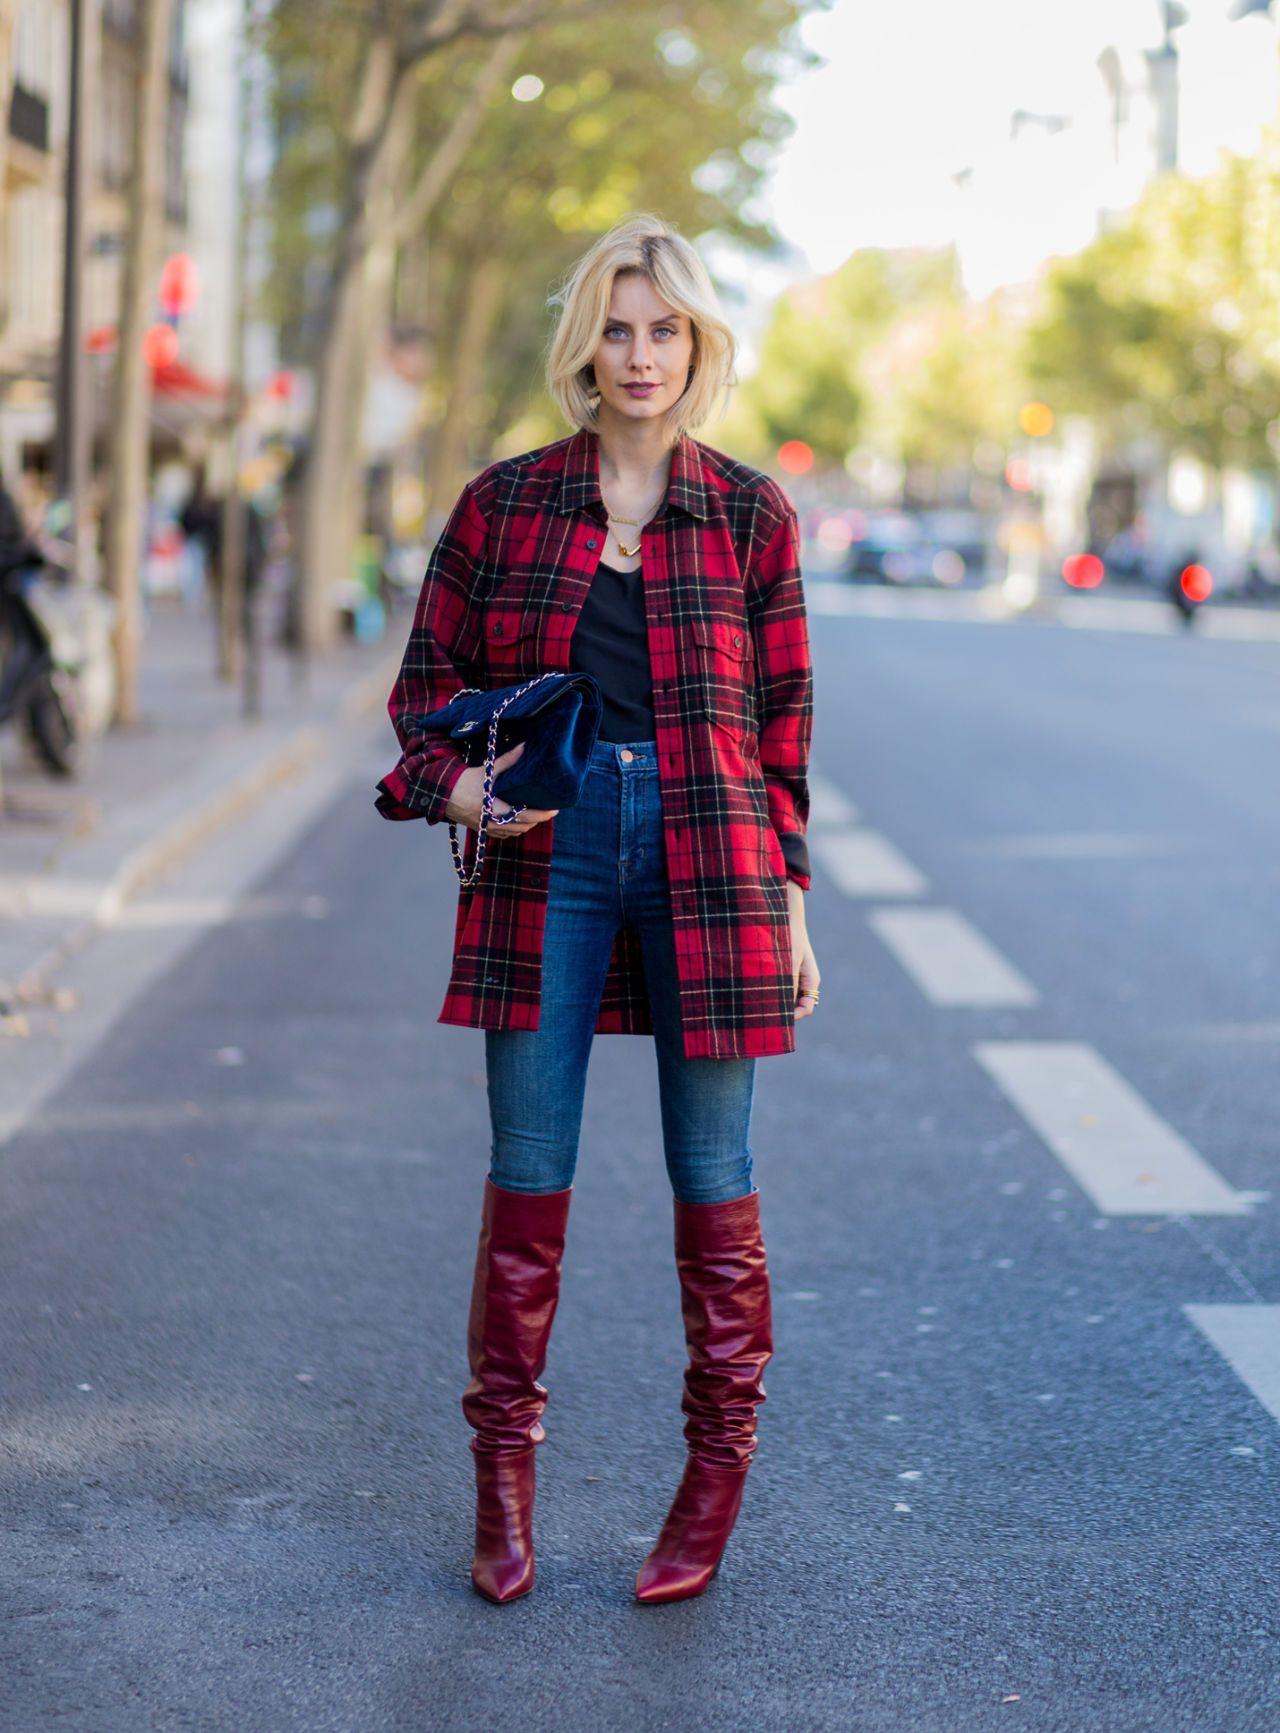 Indossarla Quadri Nera4 Per Modi A Rossa Camicia Glam E 8w0PNOXnk